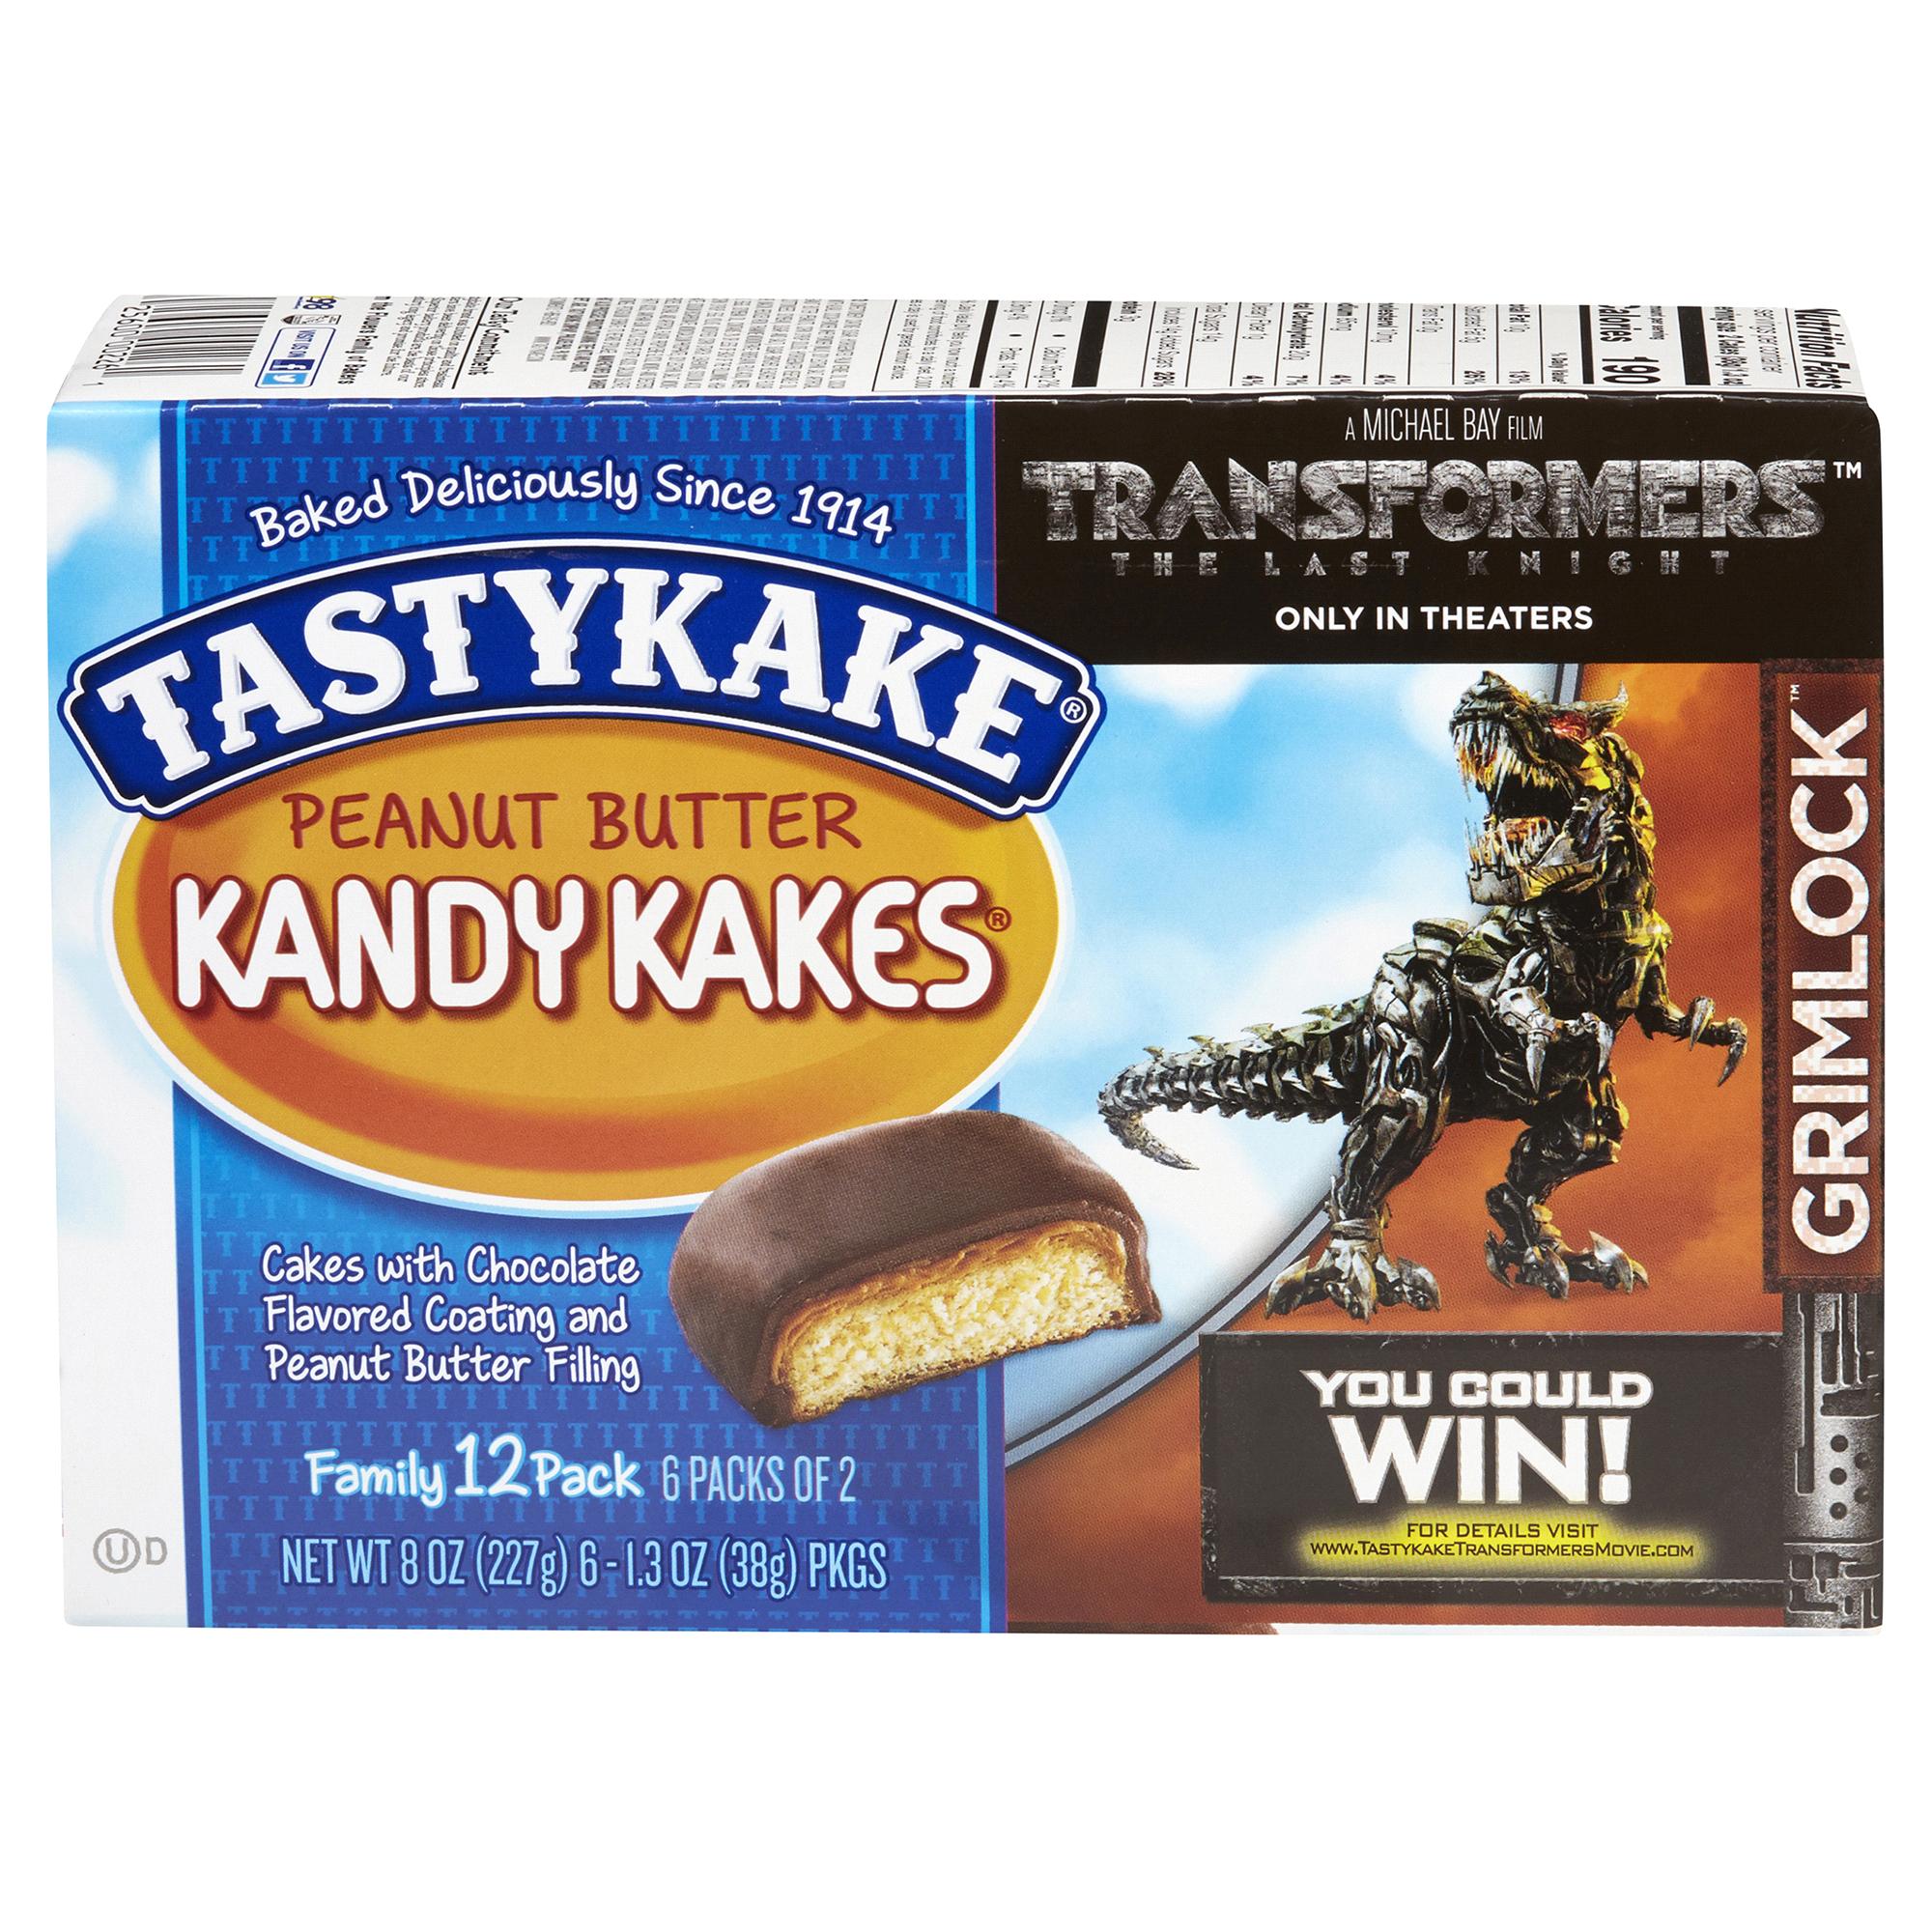 Tastykake Chocolate Peanut Butter Kandy Kakes - Pack of 2